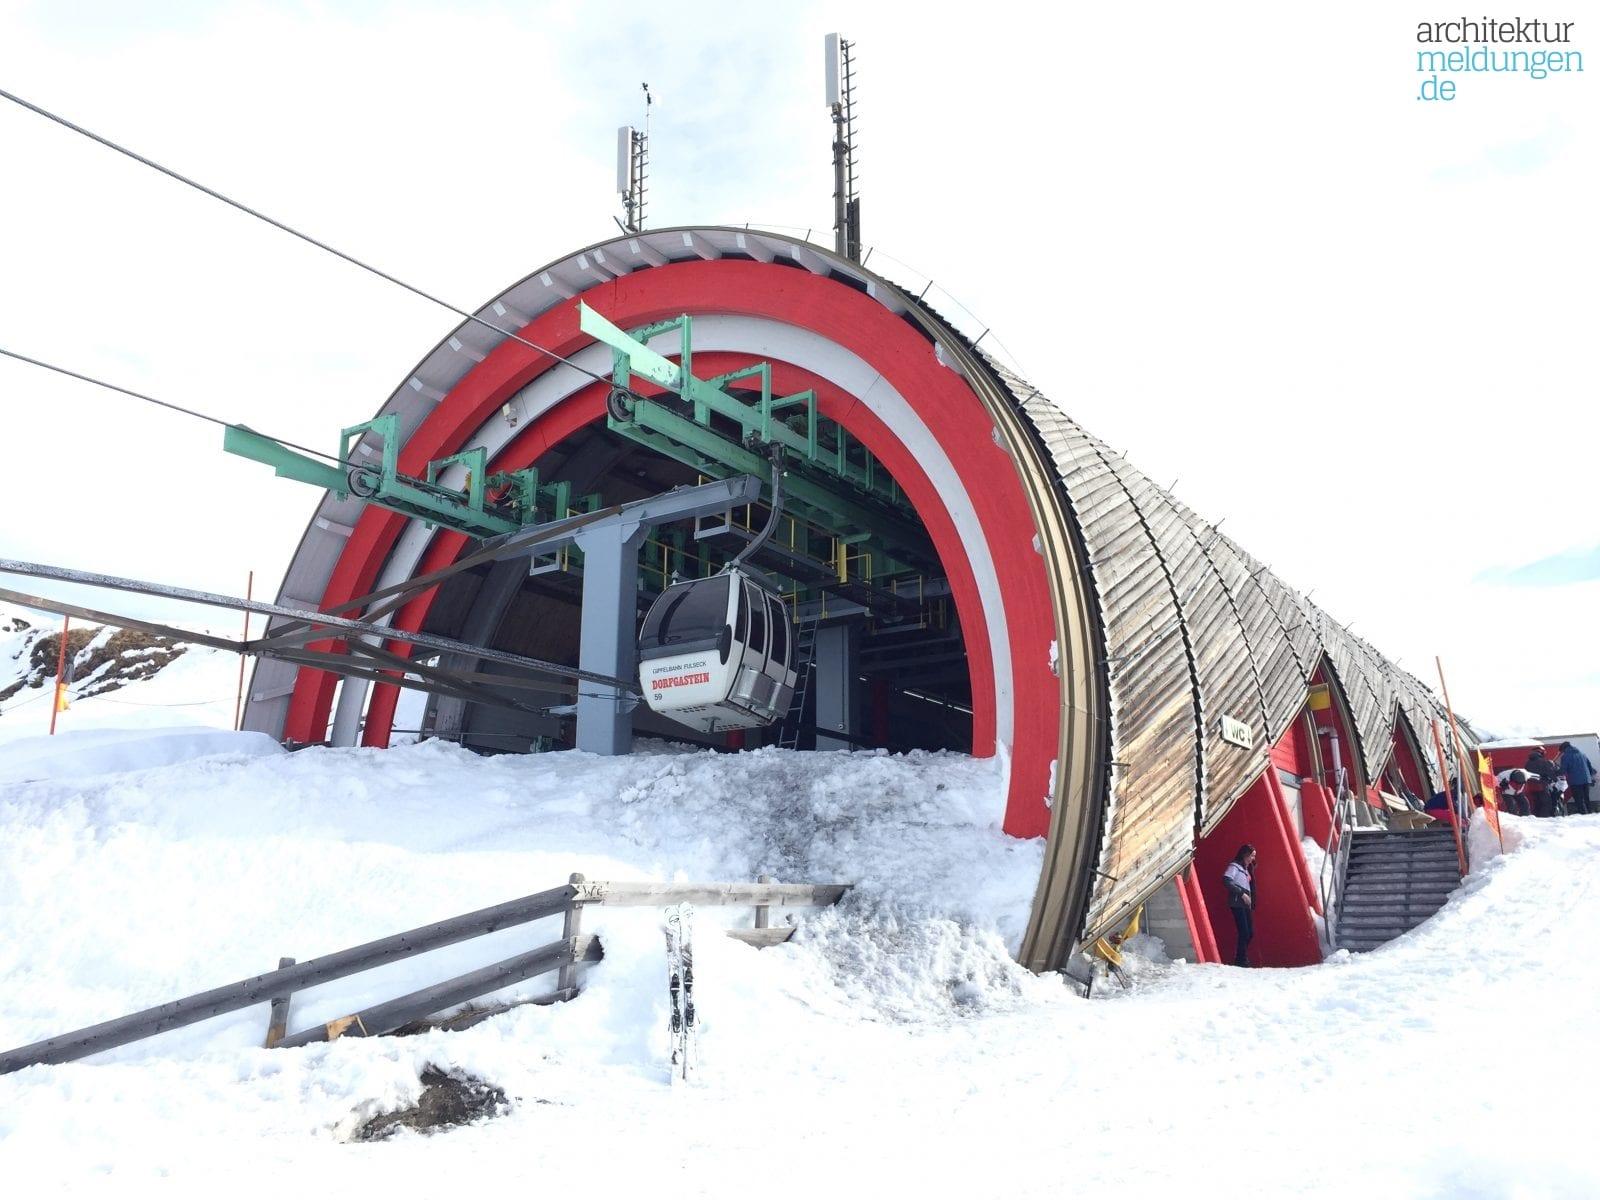 Konstruktiver Holzbau auf 2.000 m Höhe: Die Bergstation der Gipfelbahn Fulseck im Skigebiet Dorfgastein-Großarltal (Foto: Eric Sturm)